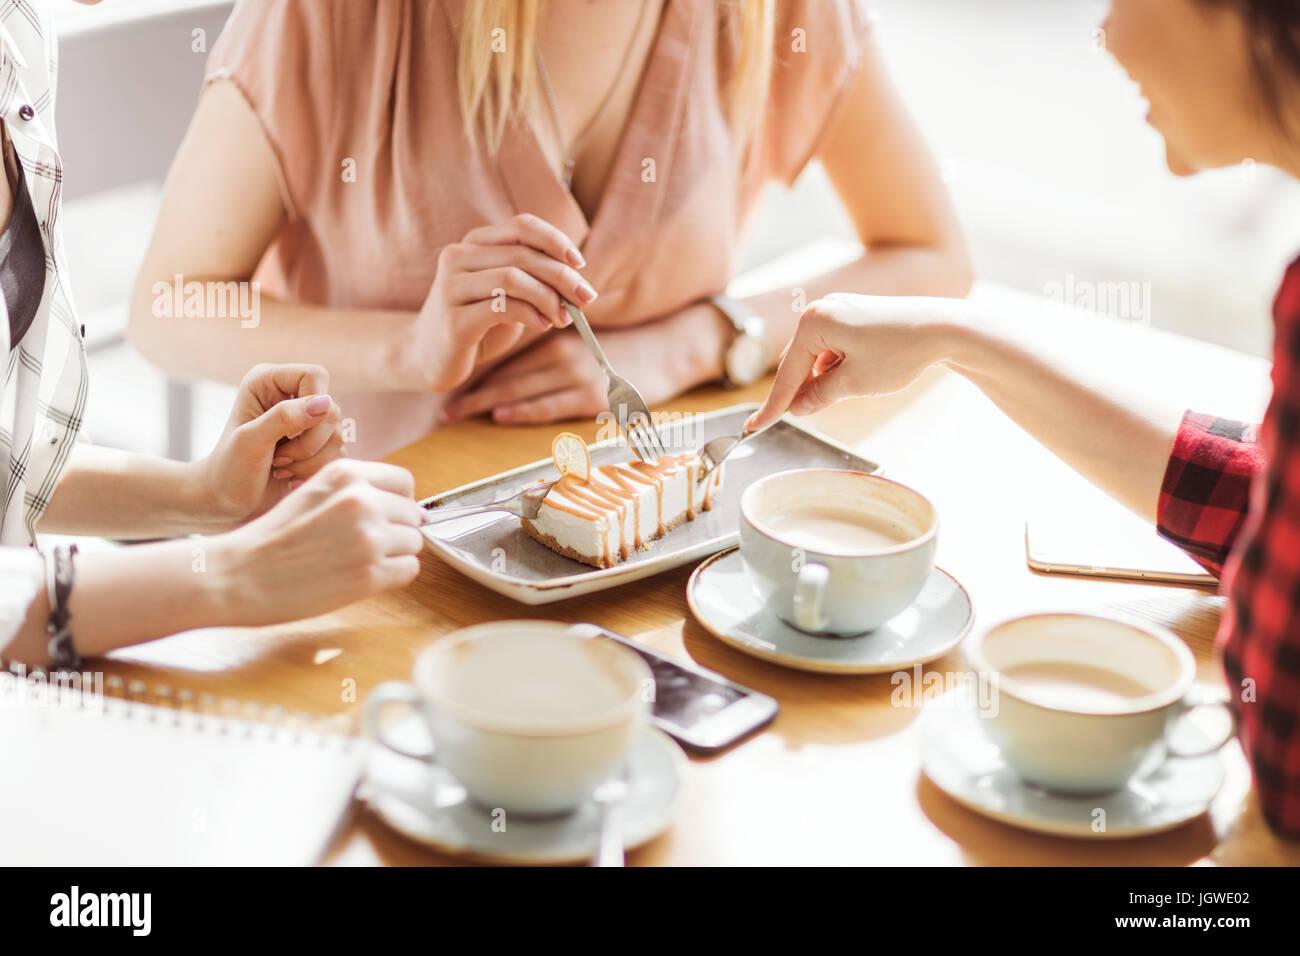 Les jeunes filles manger un gâteau et de boire du café au café, la pause-café Photo Stock